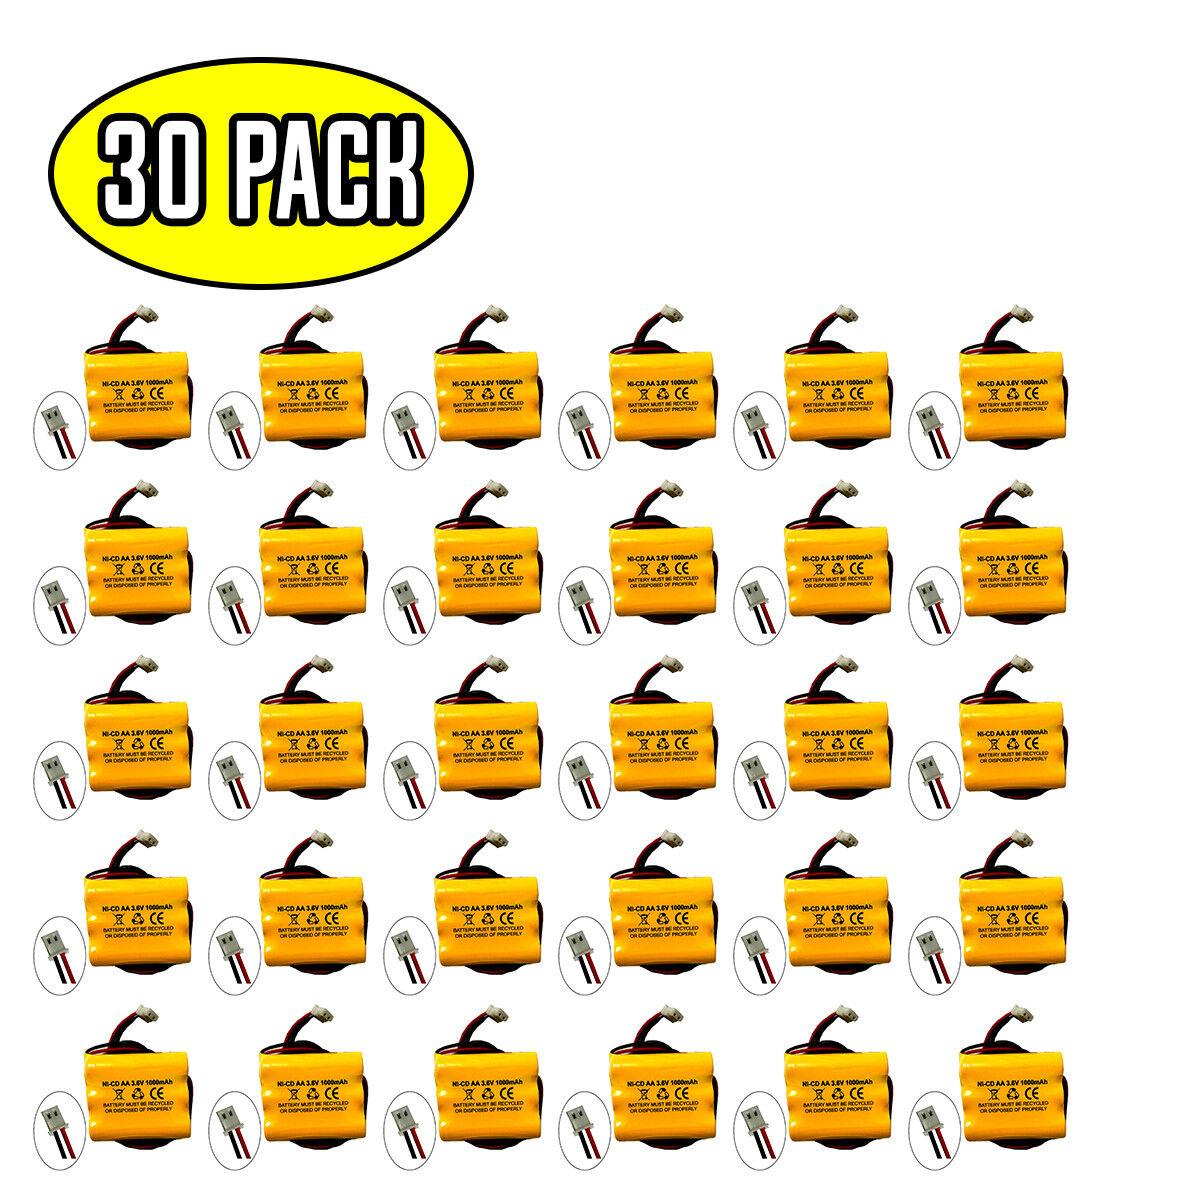 (30 pack) 3.6v 1000mah Ni-Cd battery for emergency / exit light